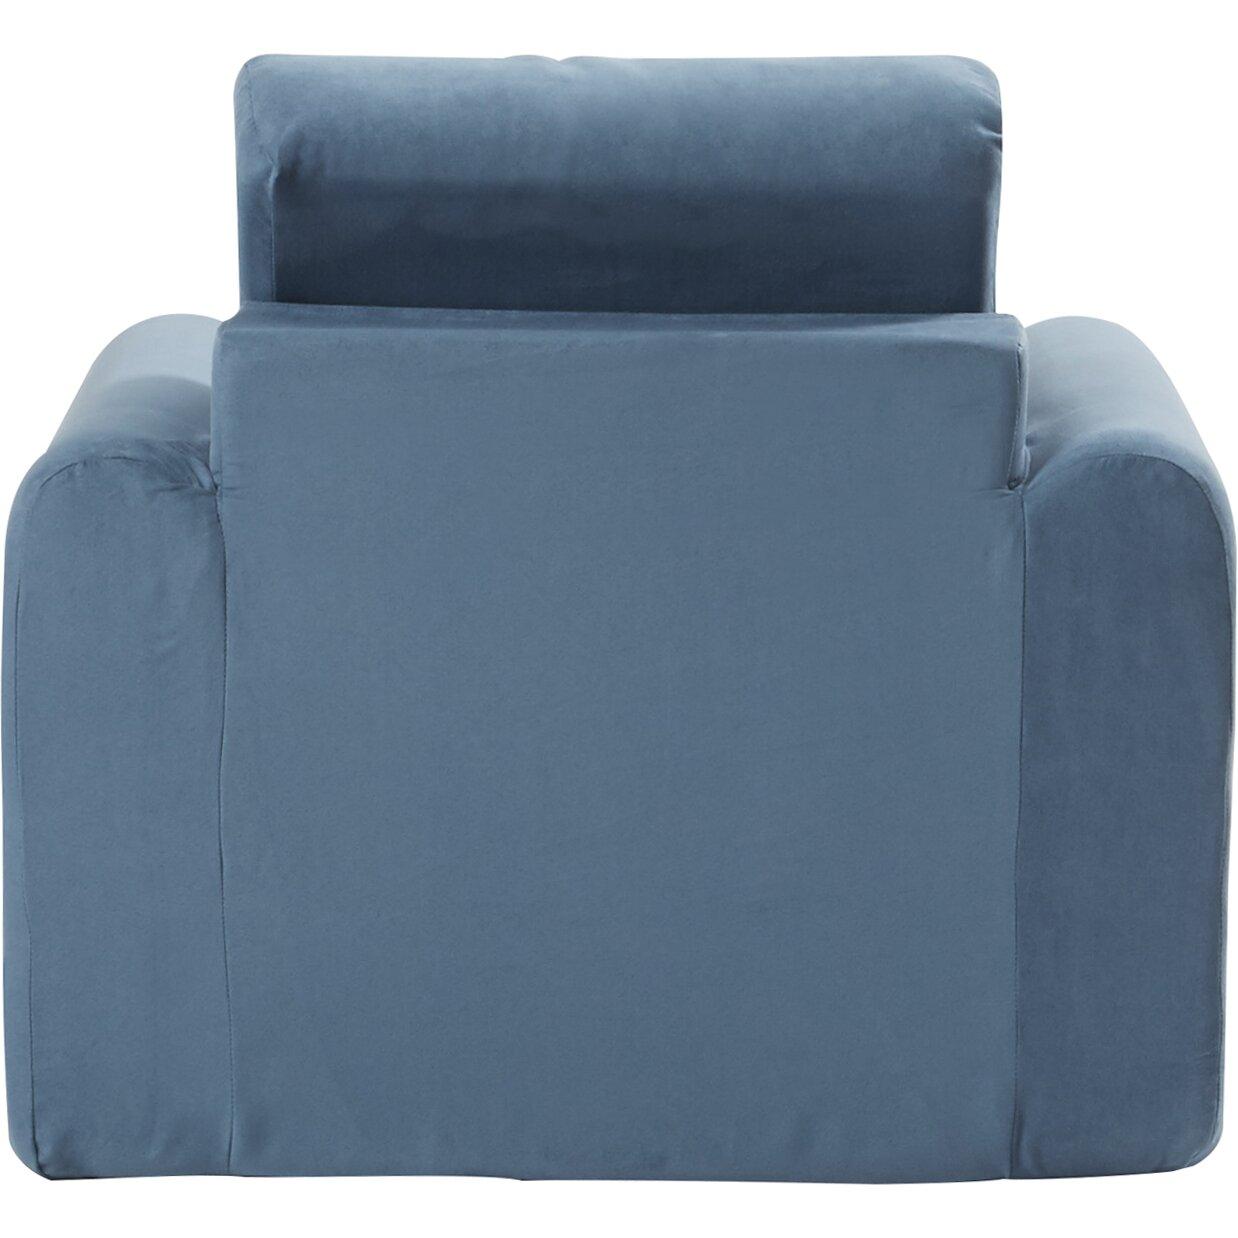 Furniture Accent Furniture ... Arm Accent Chairs Fun Furnishings SKU ...